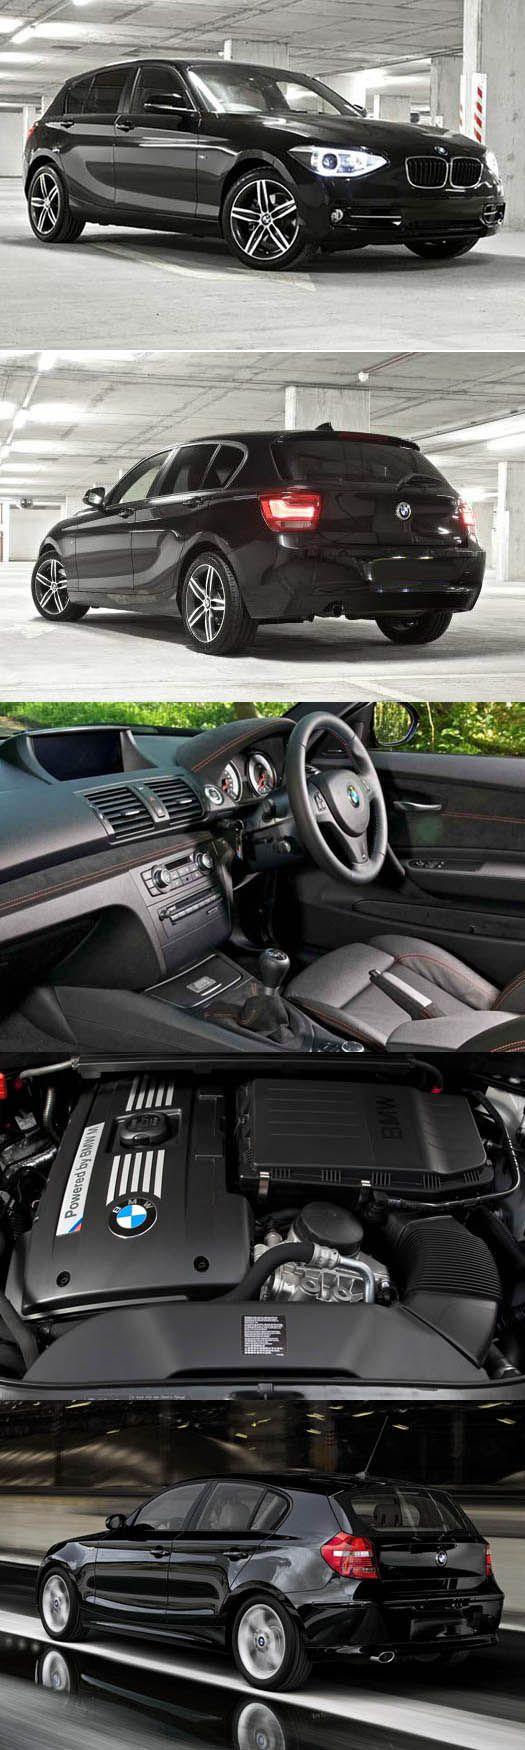 BMW 135i Engine Review #BMW #BMW135i #BMW1Series For blog: www.engines4sale.co.uk/blog/bmw-135i-engine-review/